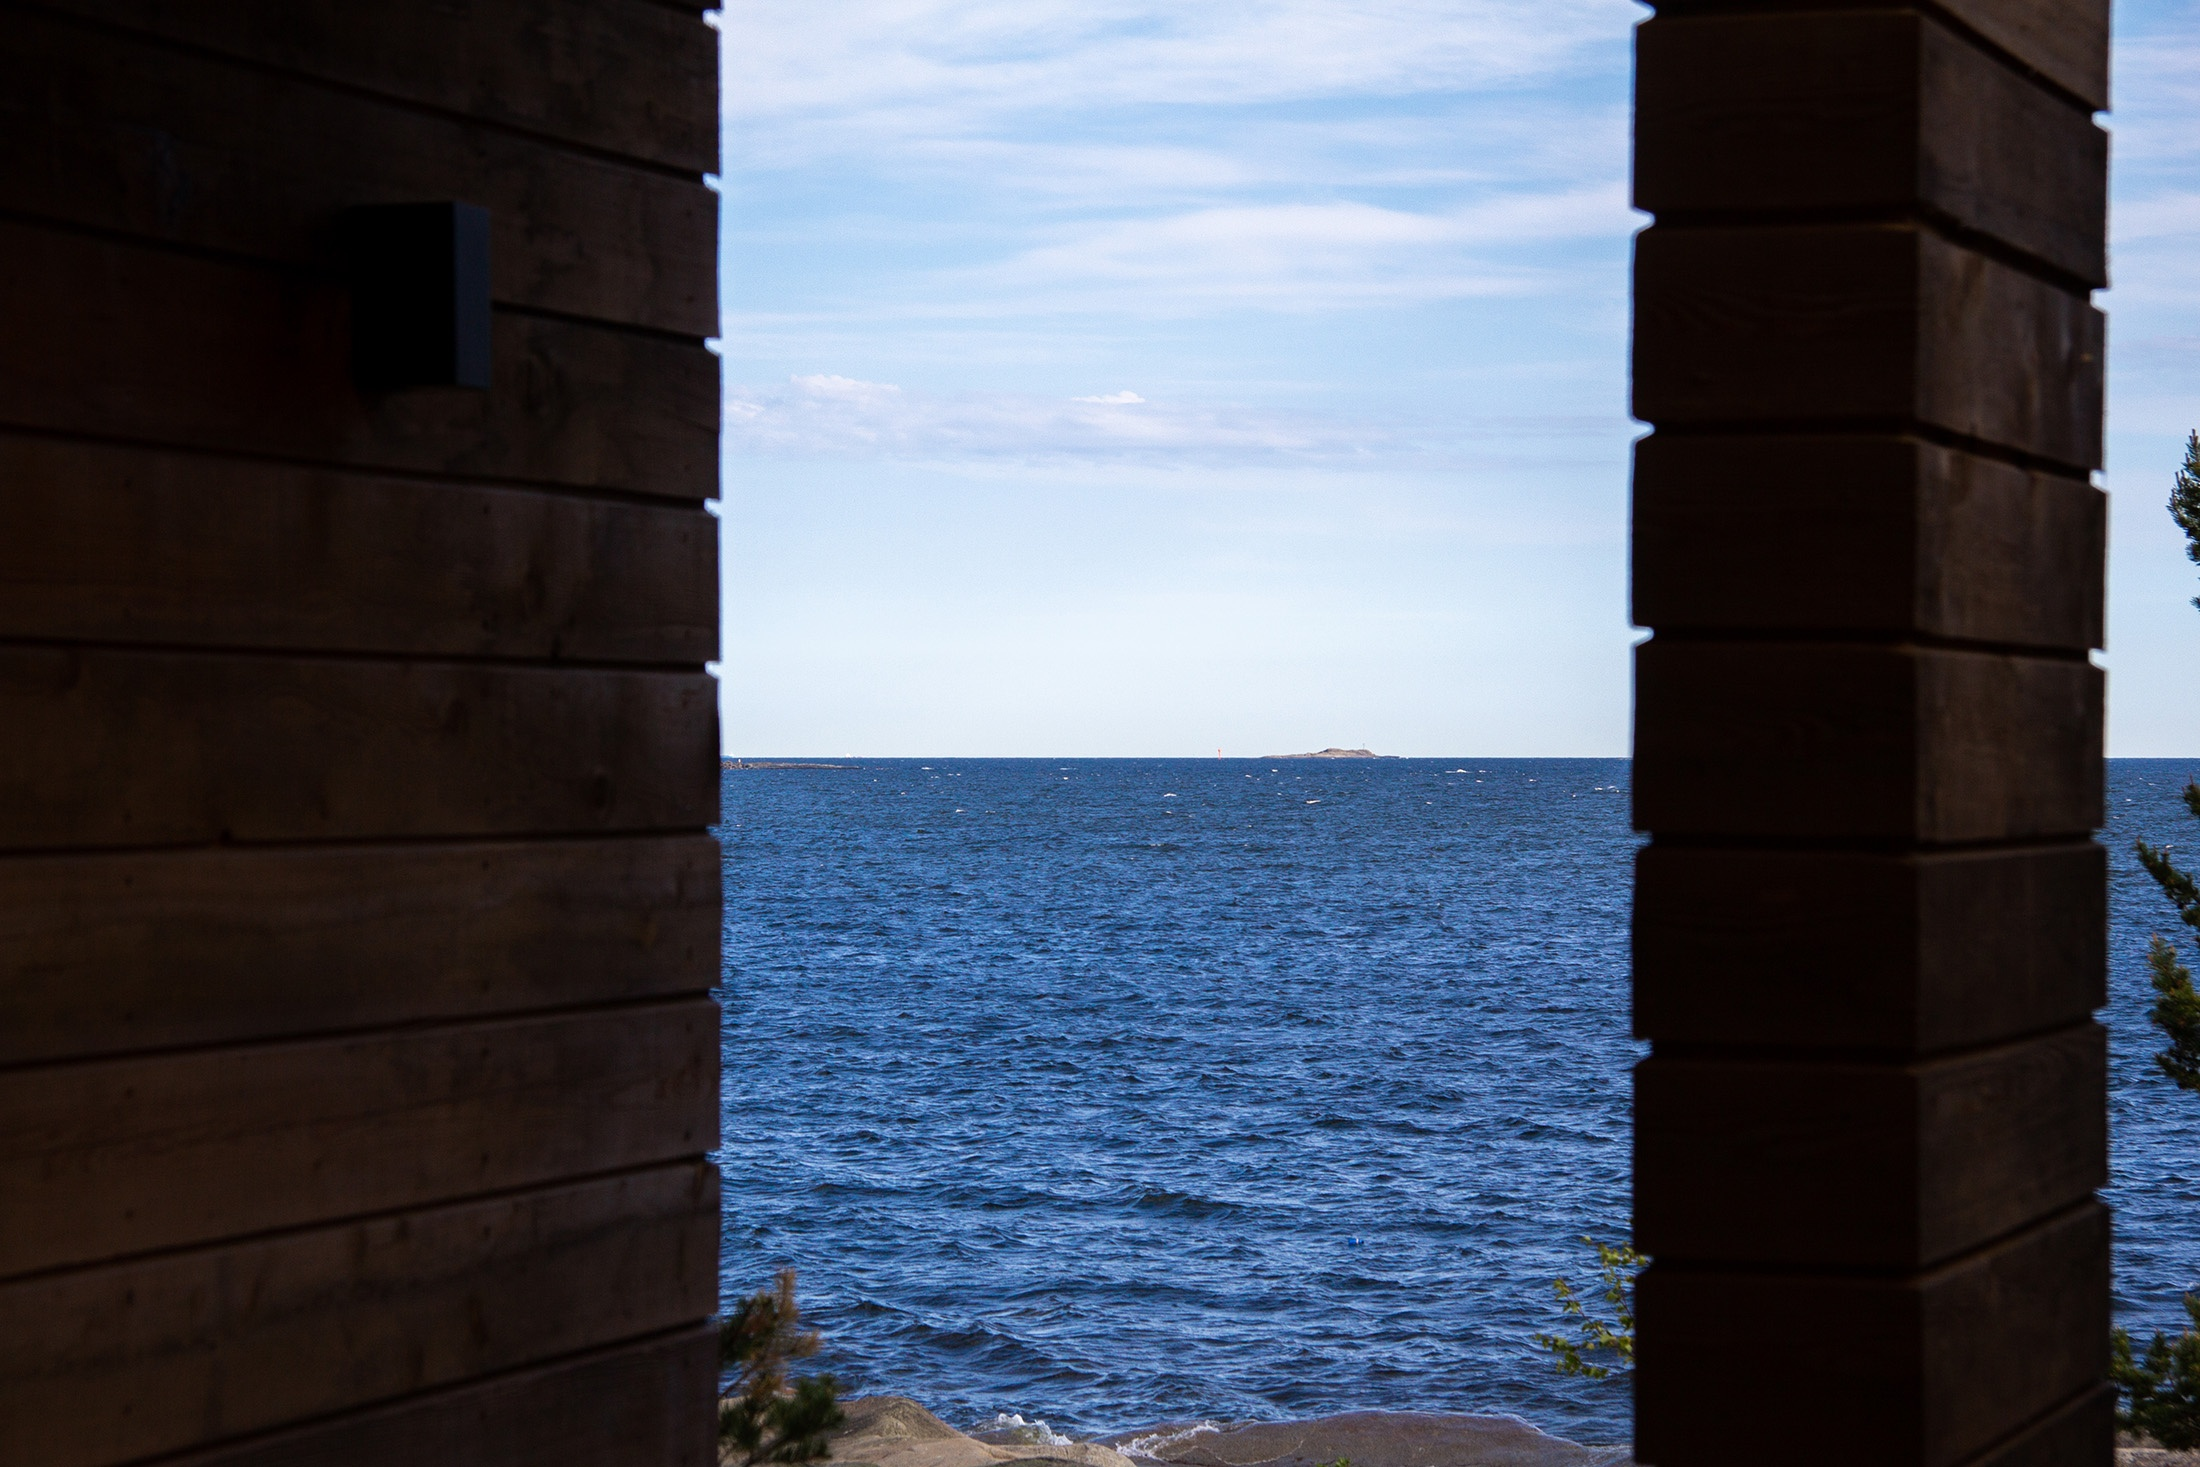 Sauna-ja-saunatupa-Helsingin-saaristossa-23